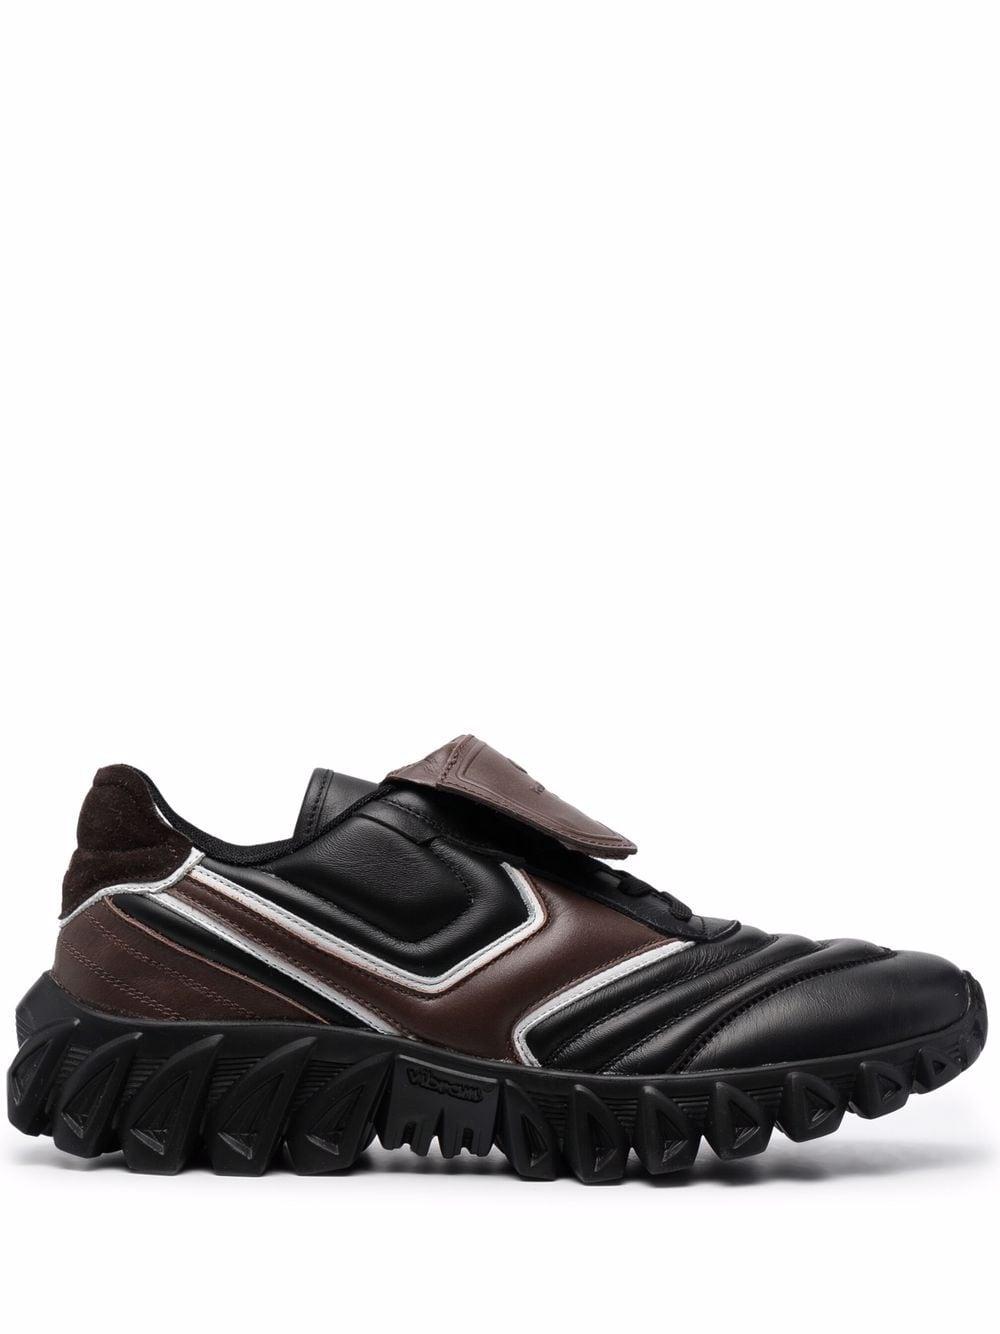 PANTOFOLA D'ORO Sneaker basse nere e marroni in pelle e camoscio con suola rigata